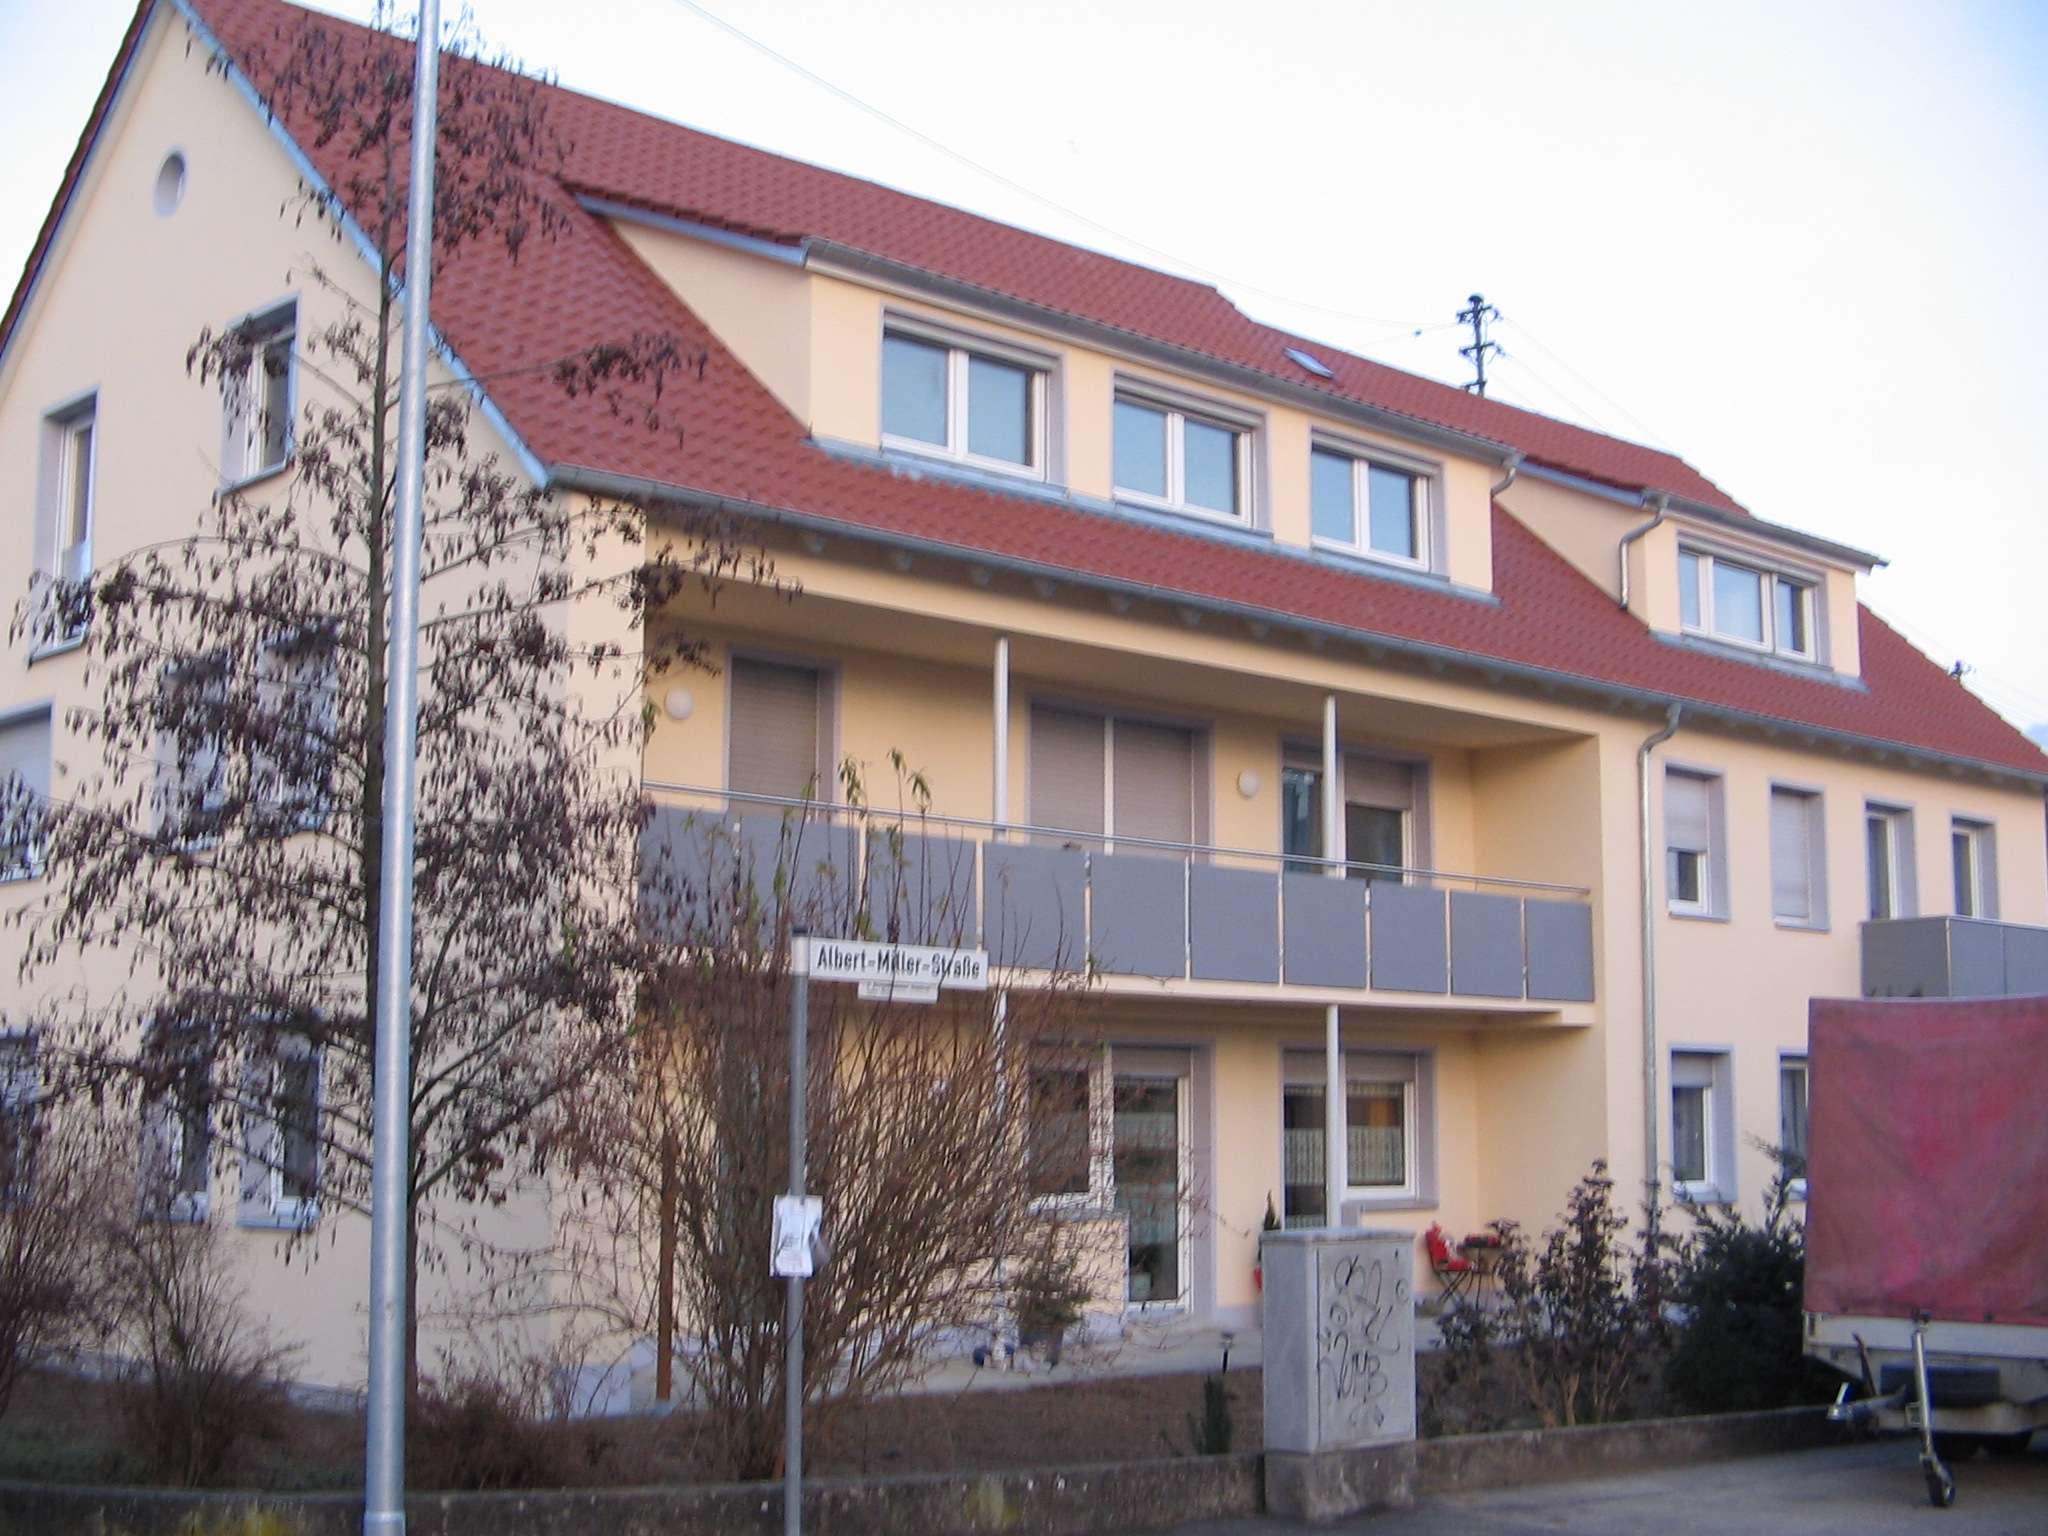 2 Zimmer Wohnung in Burgau mit Balkon und Kellerraum in Burgau